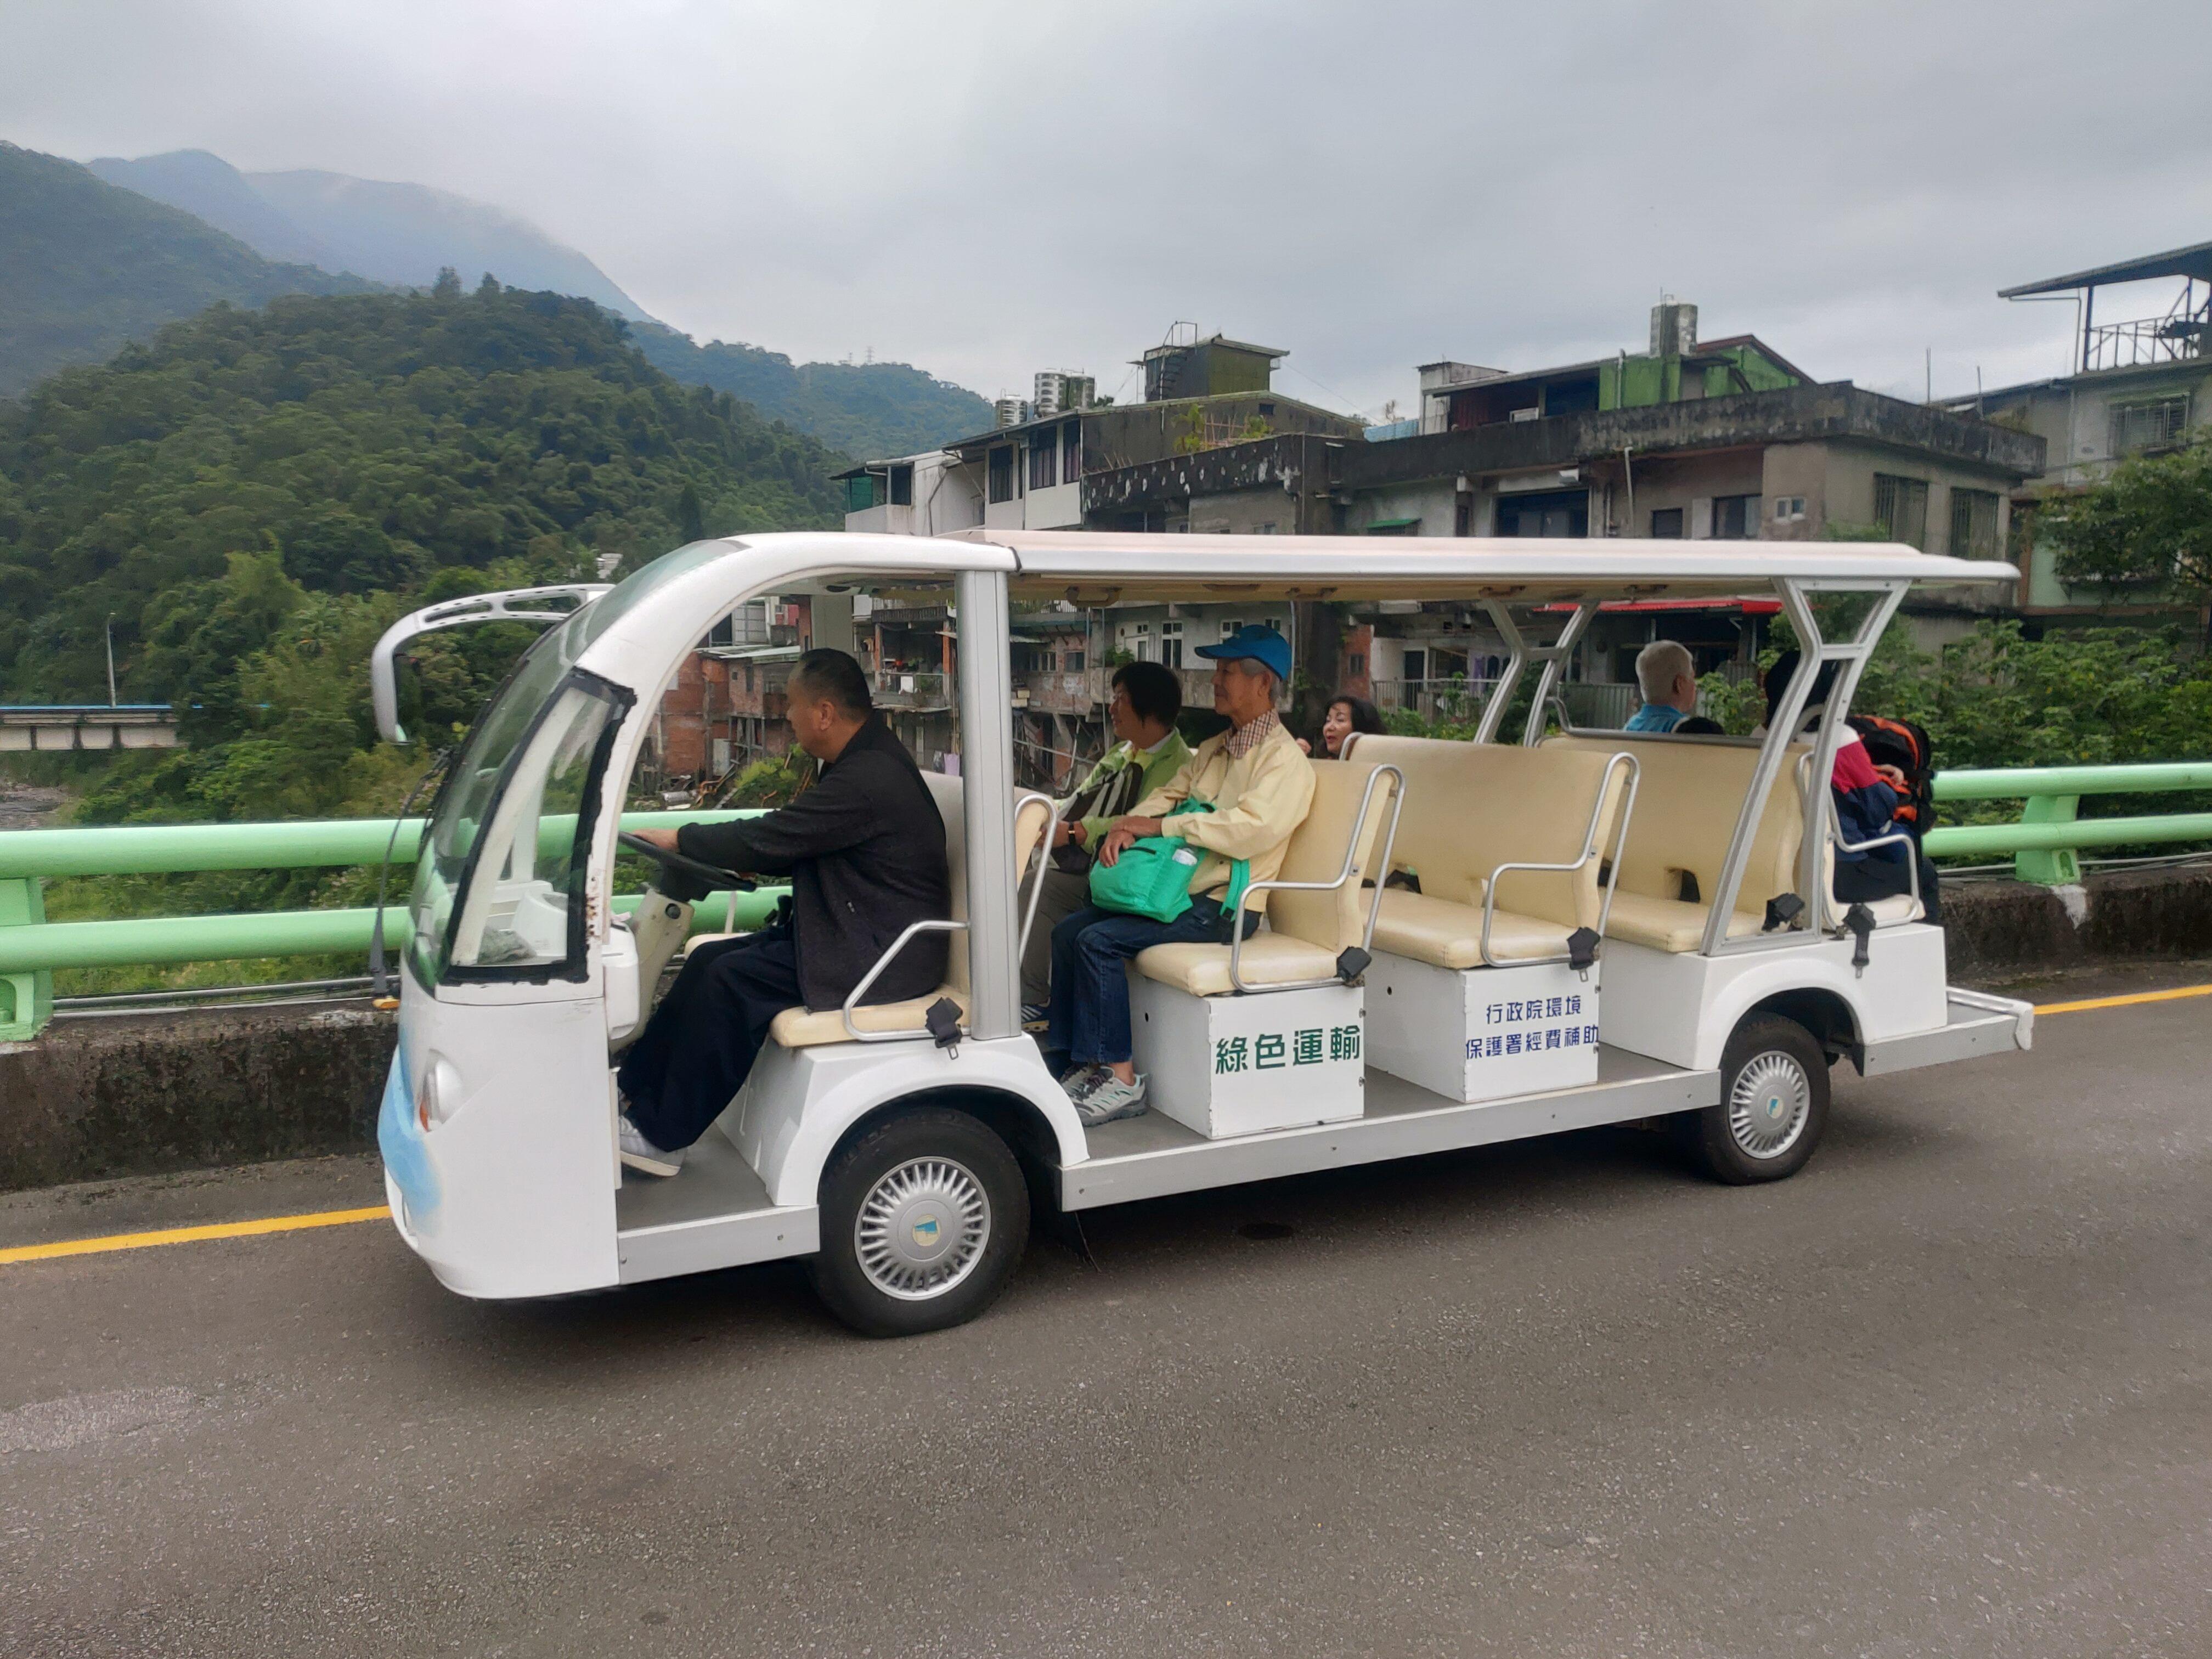 圖片說明:本局安排電動車接駁民眾前往環教學習中心